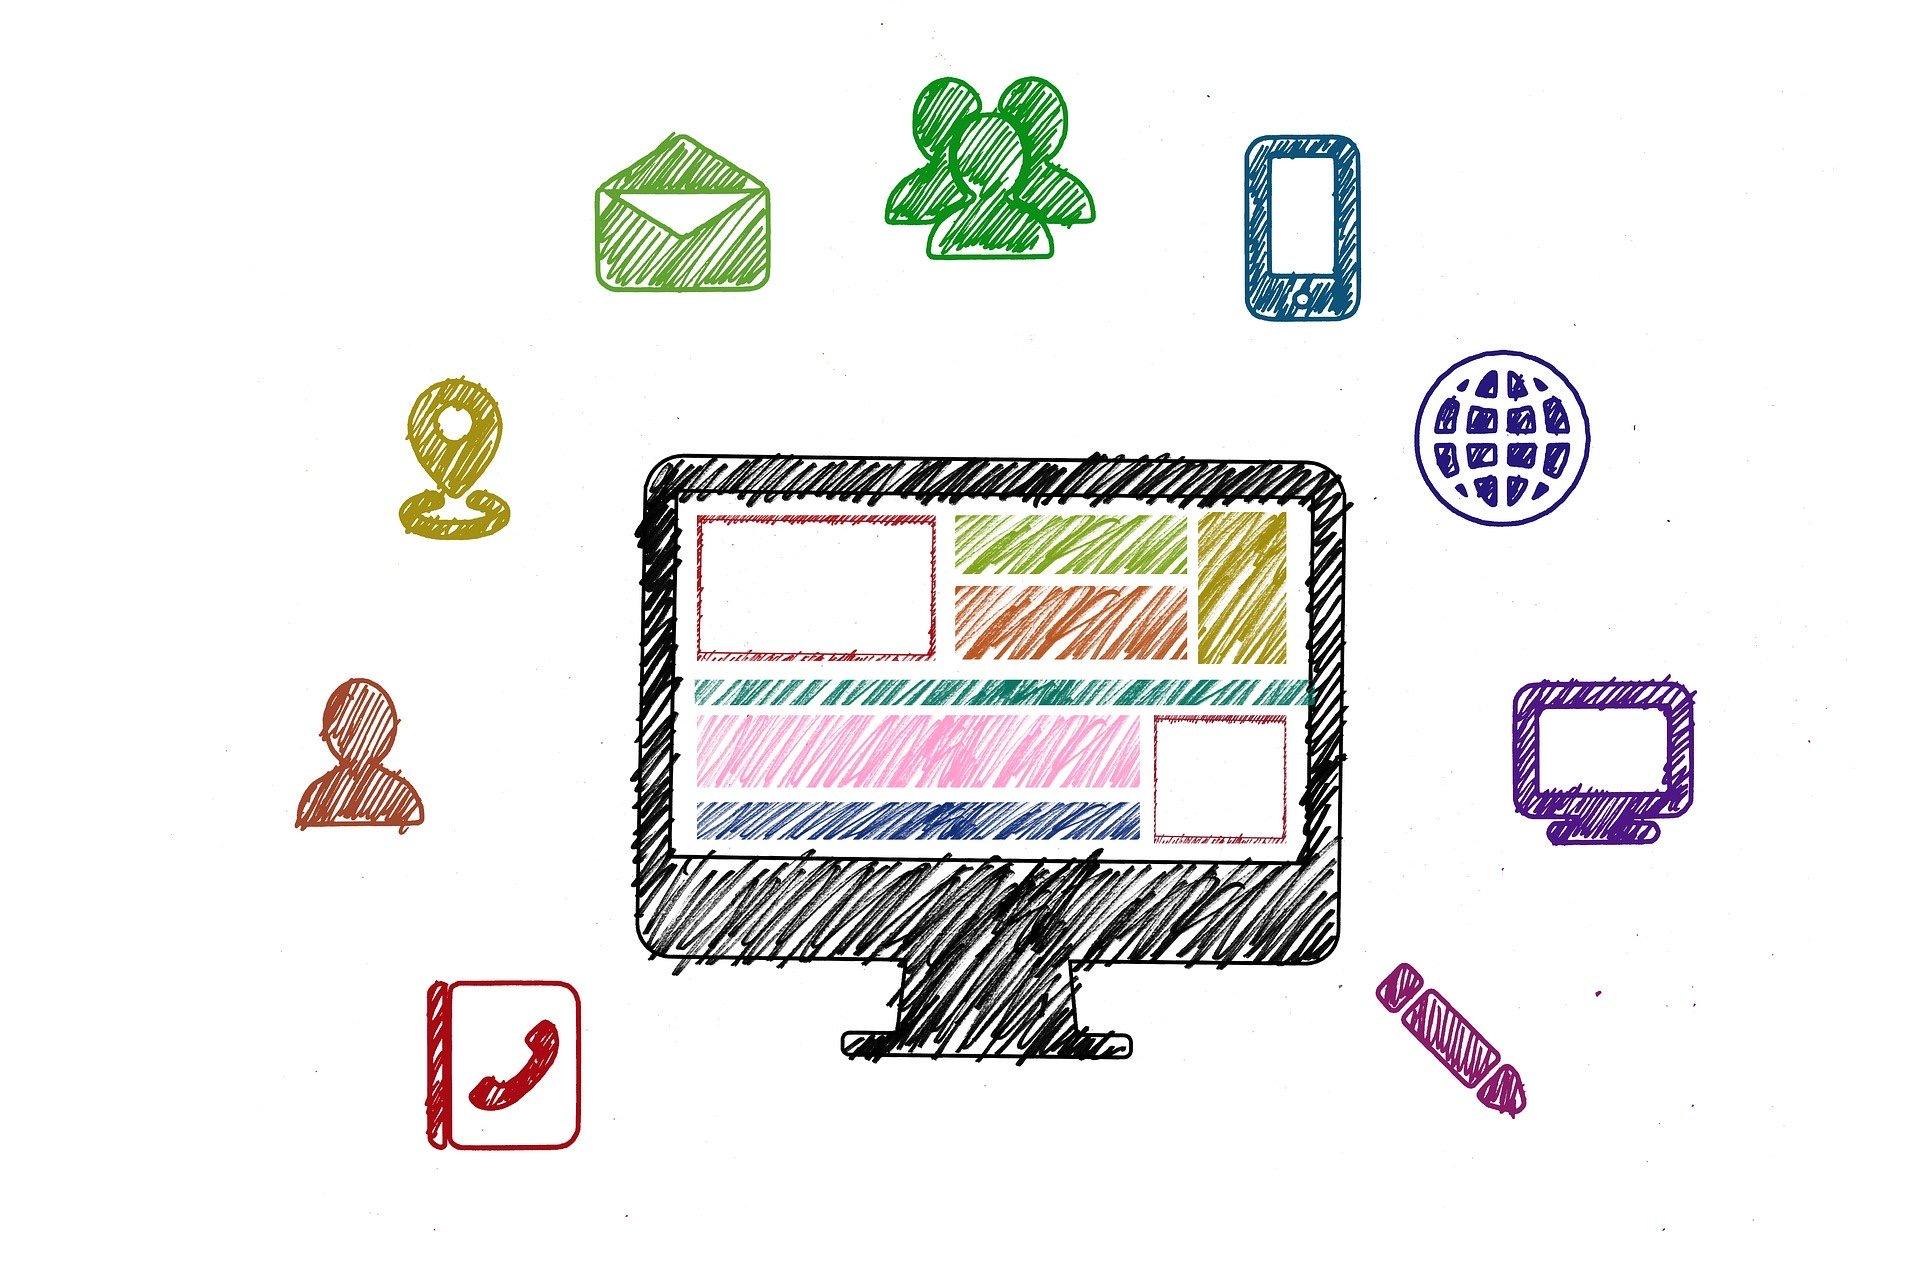 Familienbildung digital: Online-Fortbildung für Kursleitende und HPM